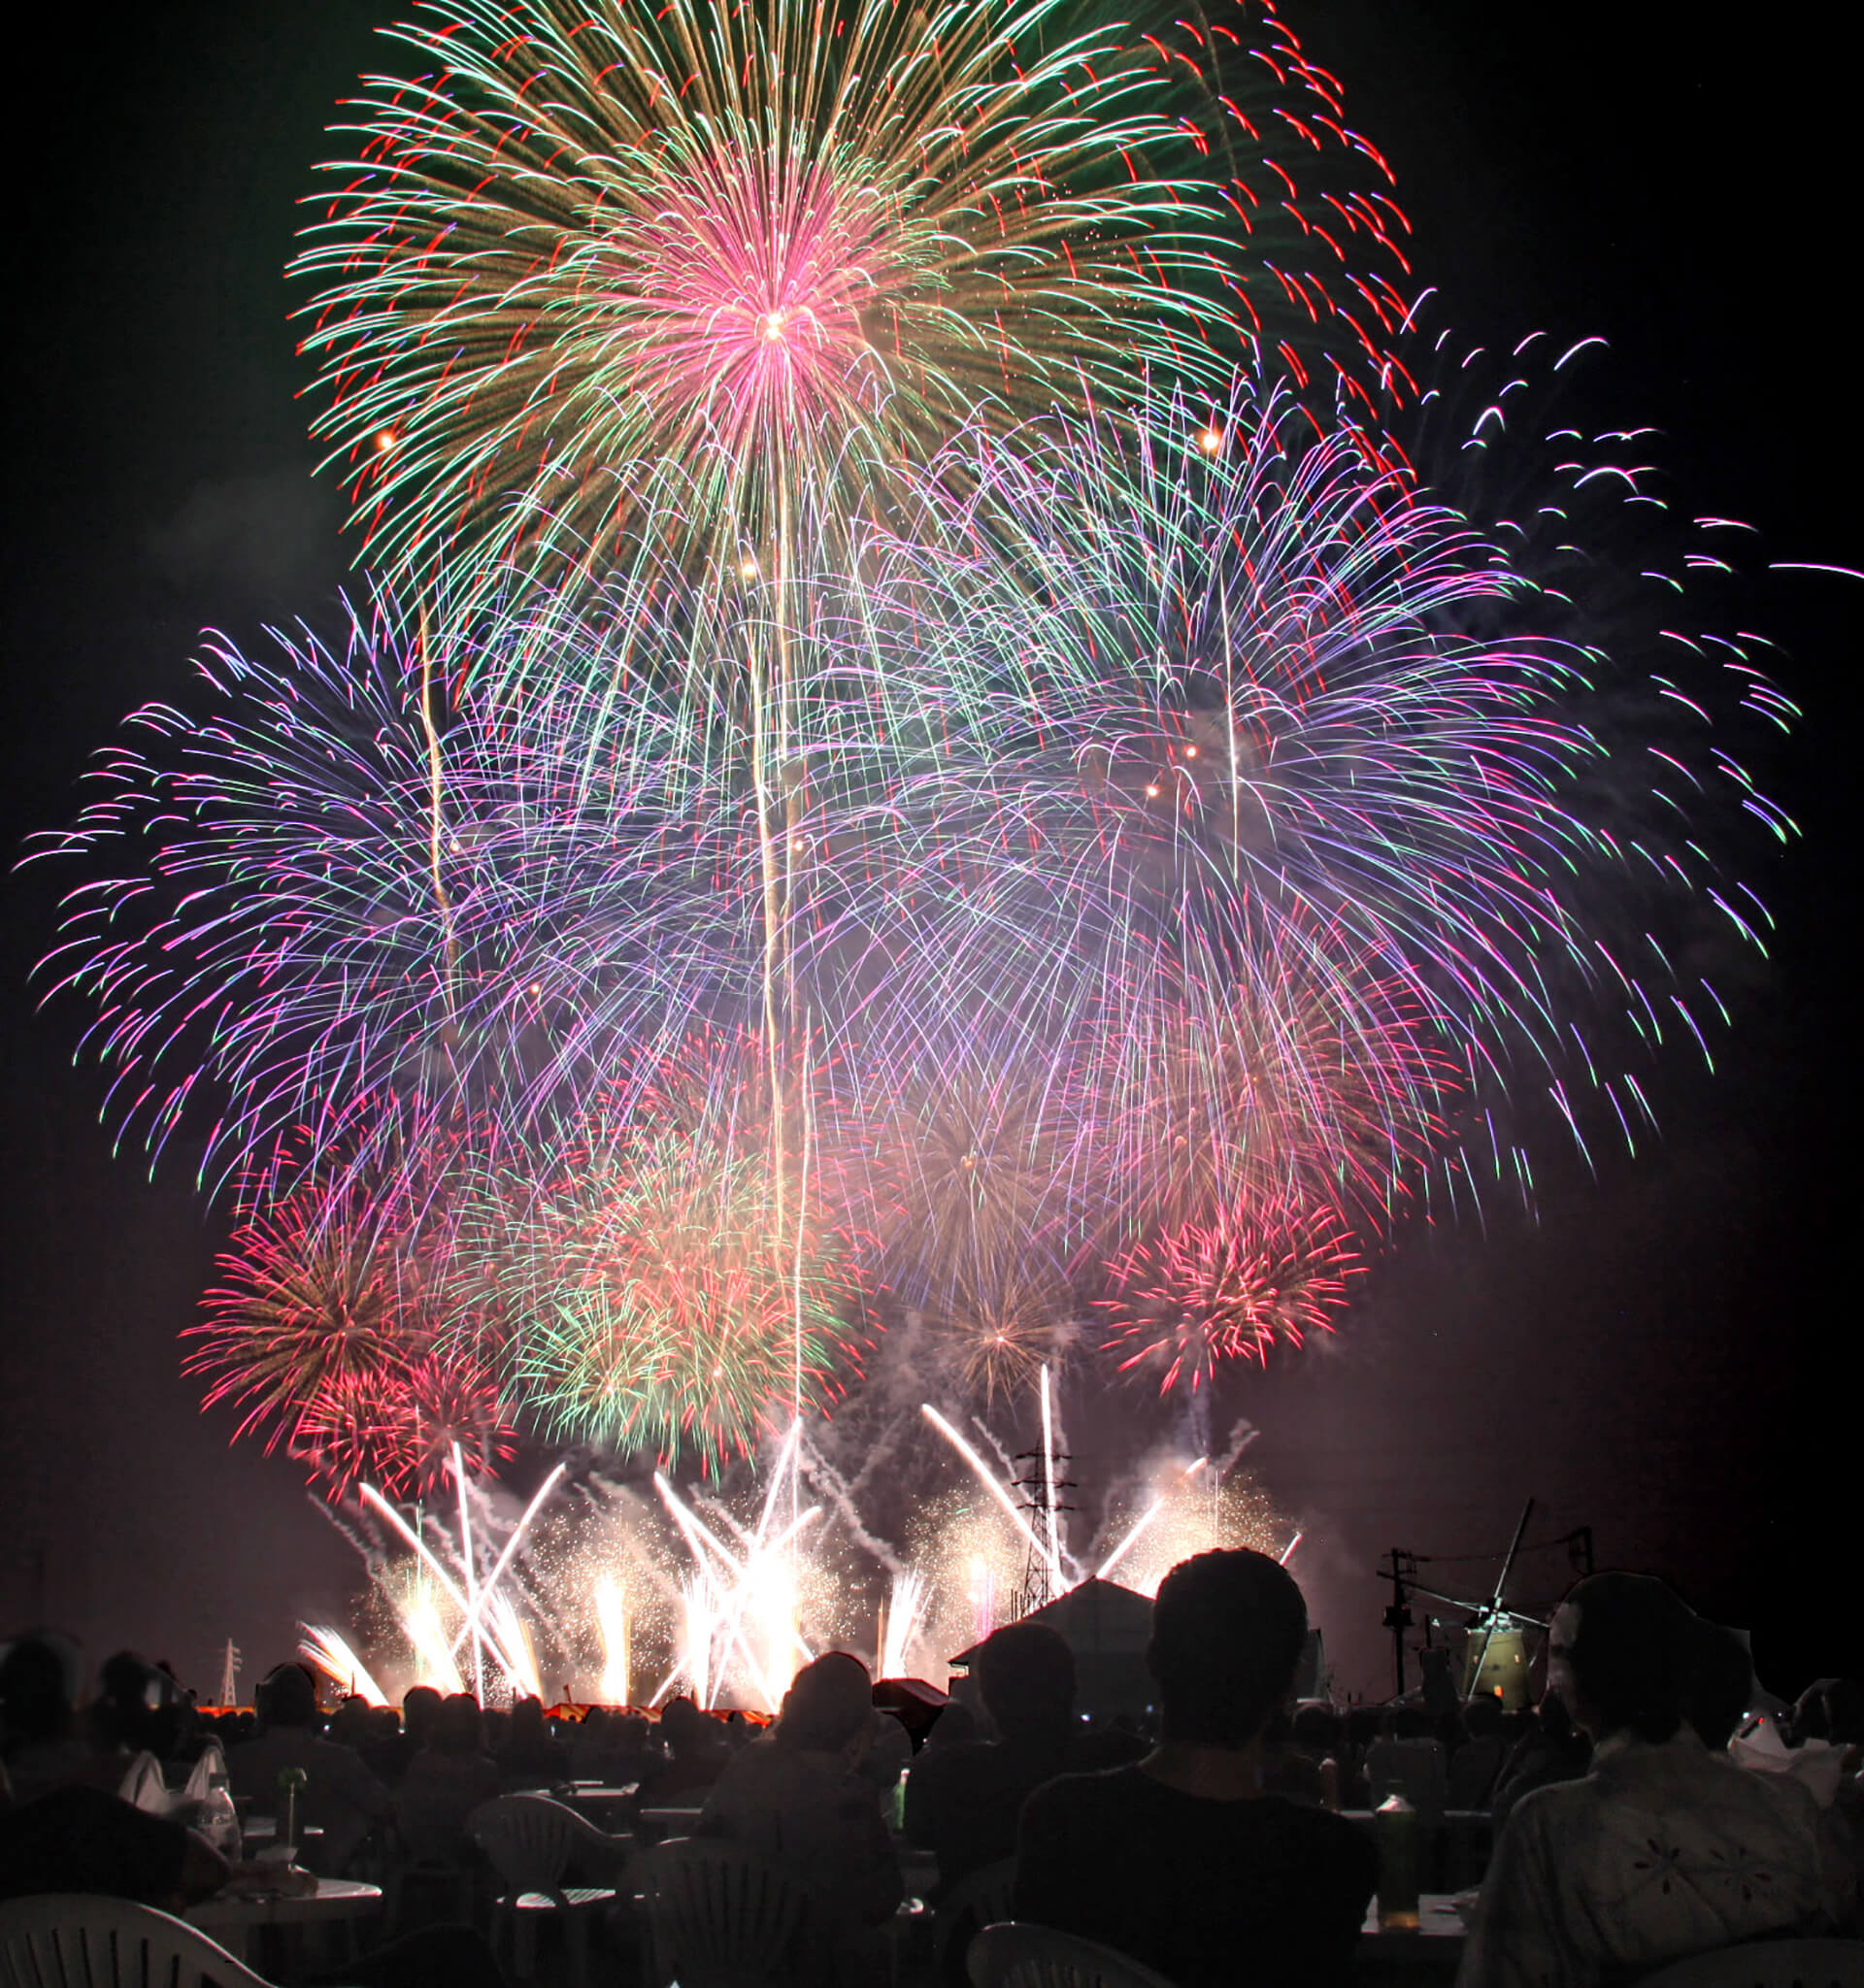 この写真は、佐倉花火フェスタ2019の有料観覧席から観る花火の様子